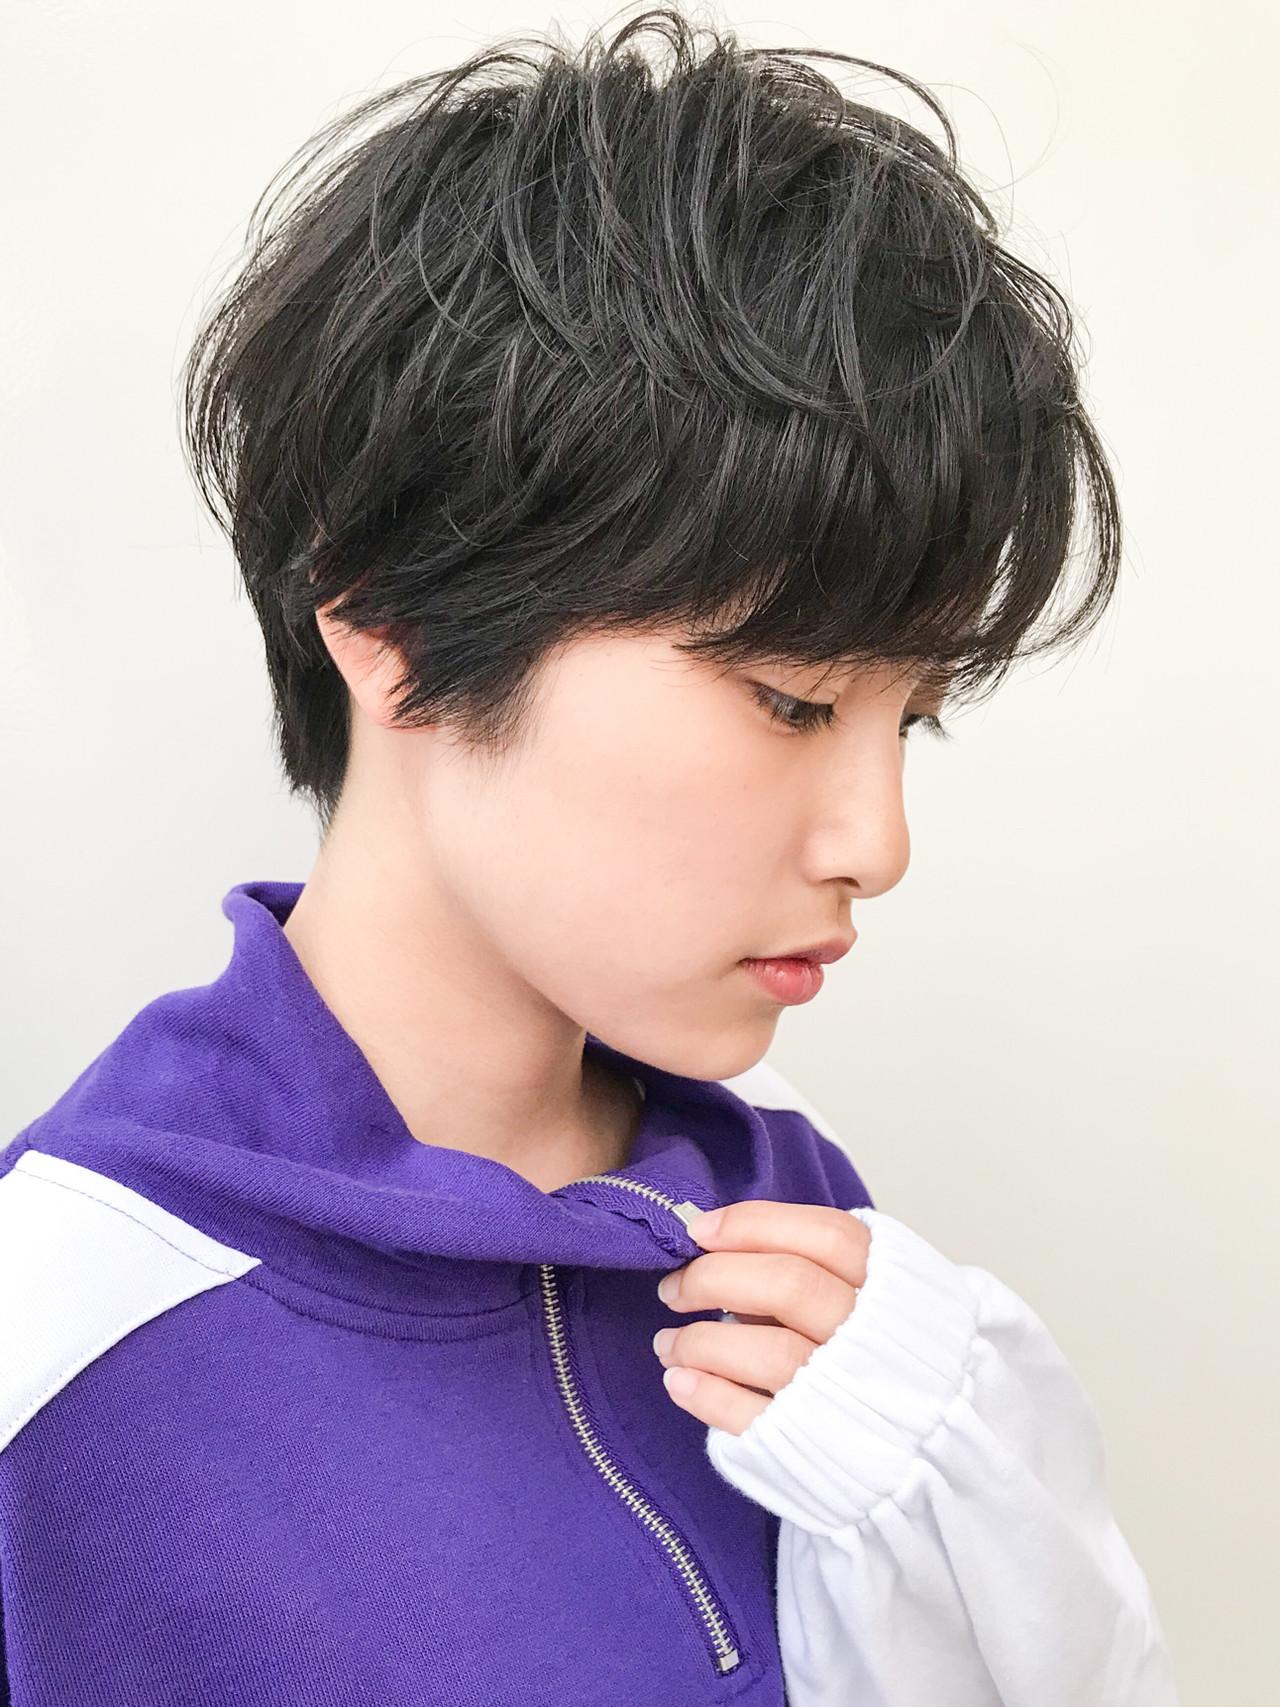 横顔美人 デート 黒髪 コンサバ ヘアスタイルや髪型の写真・画像 | HIROKI / roijir / roijir